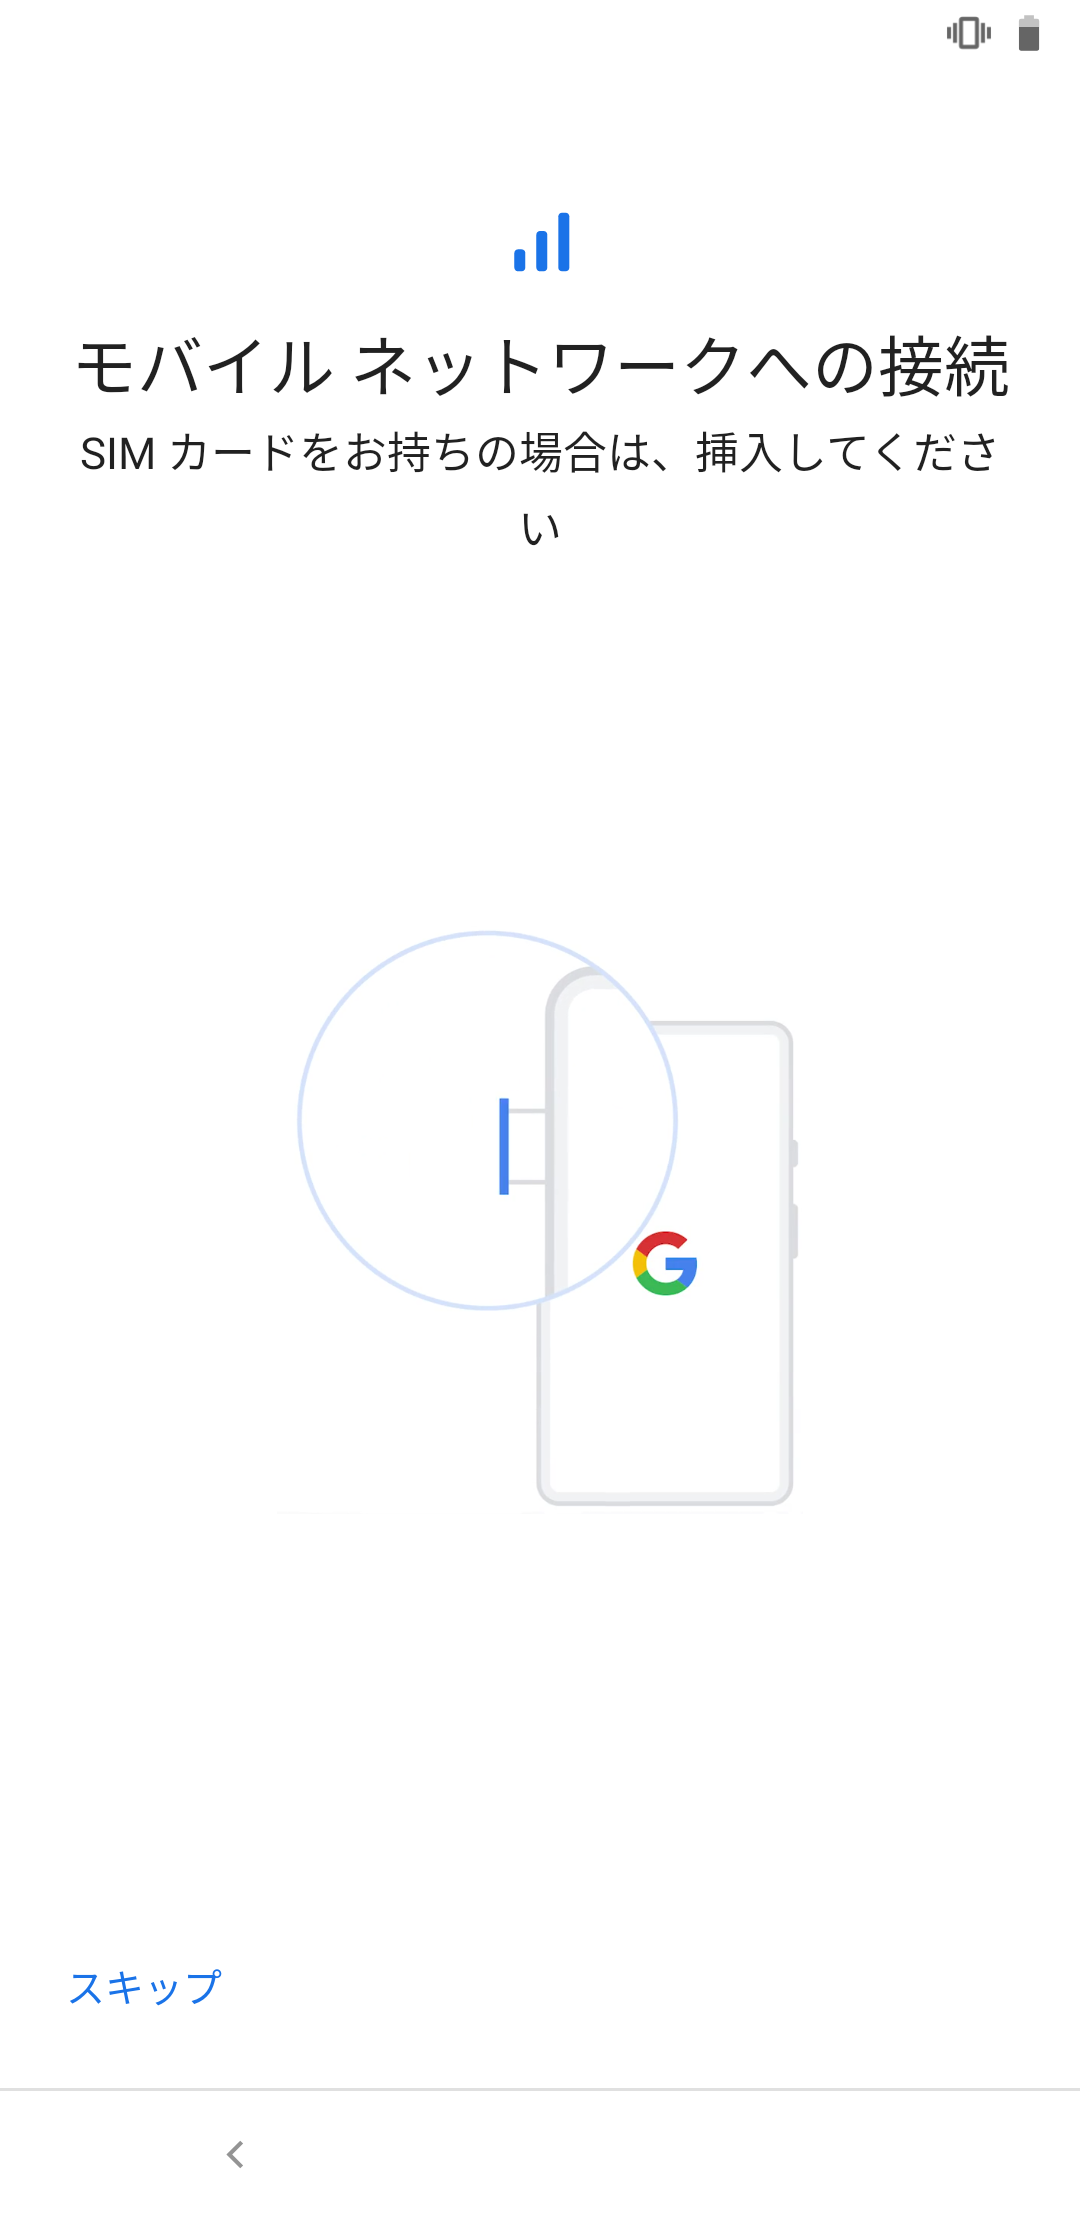 モバイルネットワークへの接続(スキップ)